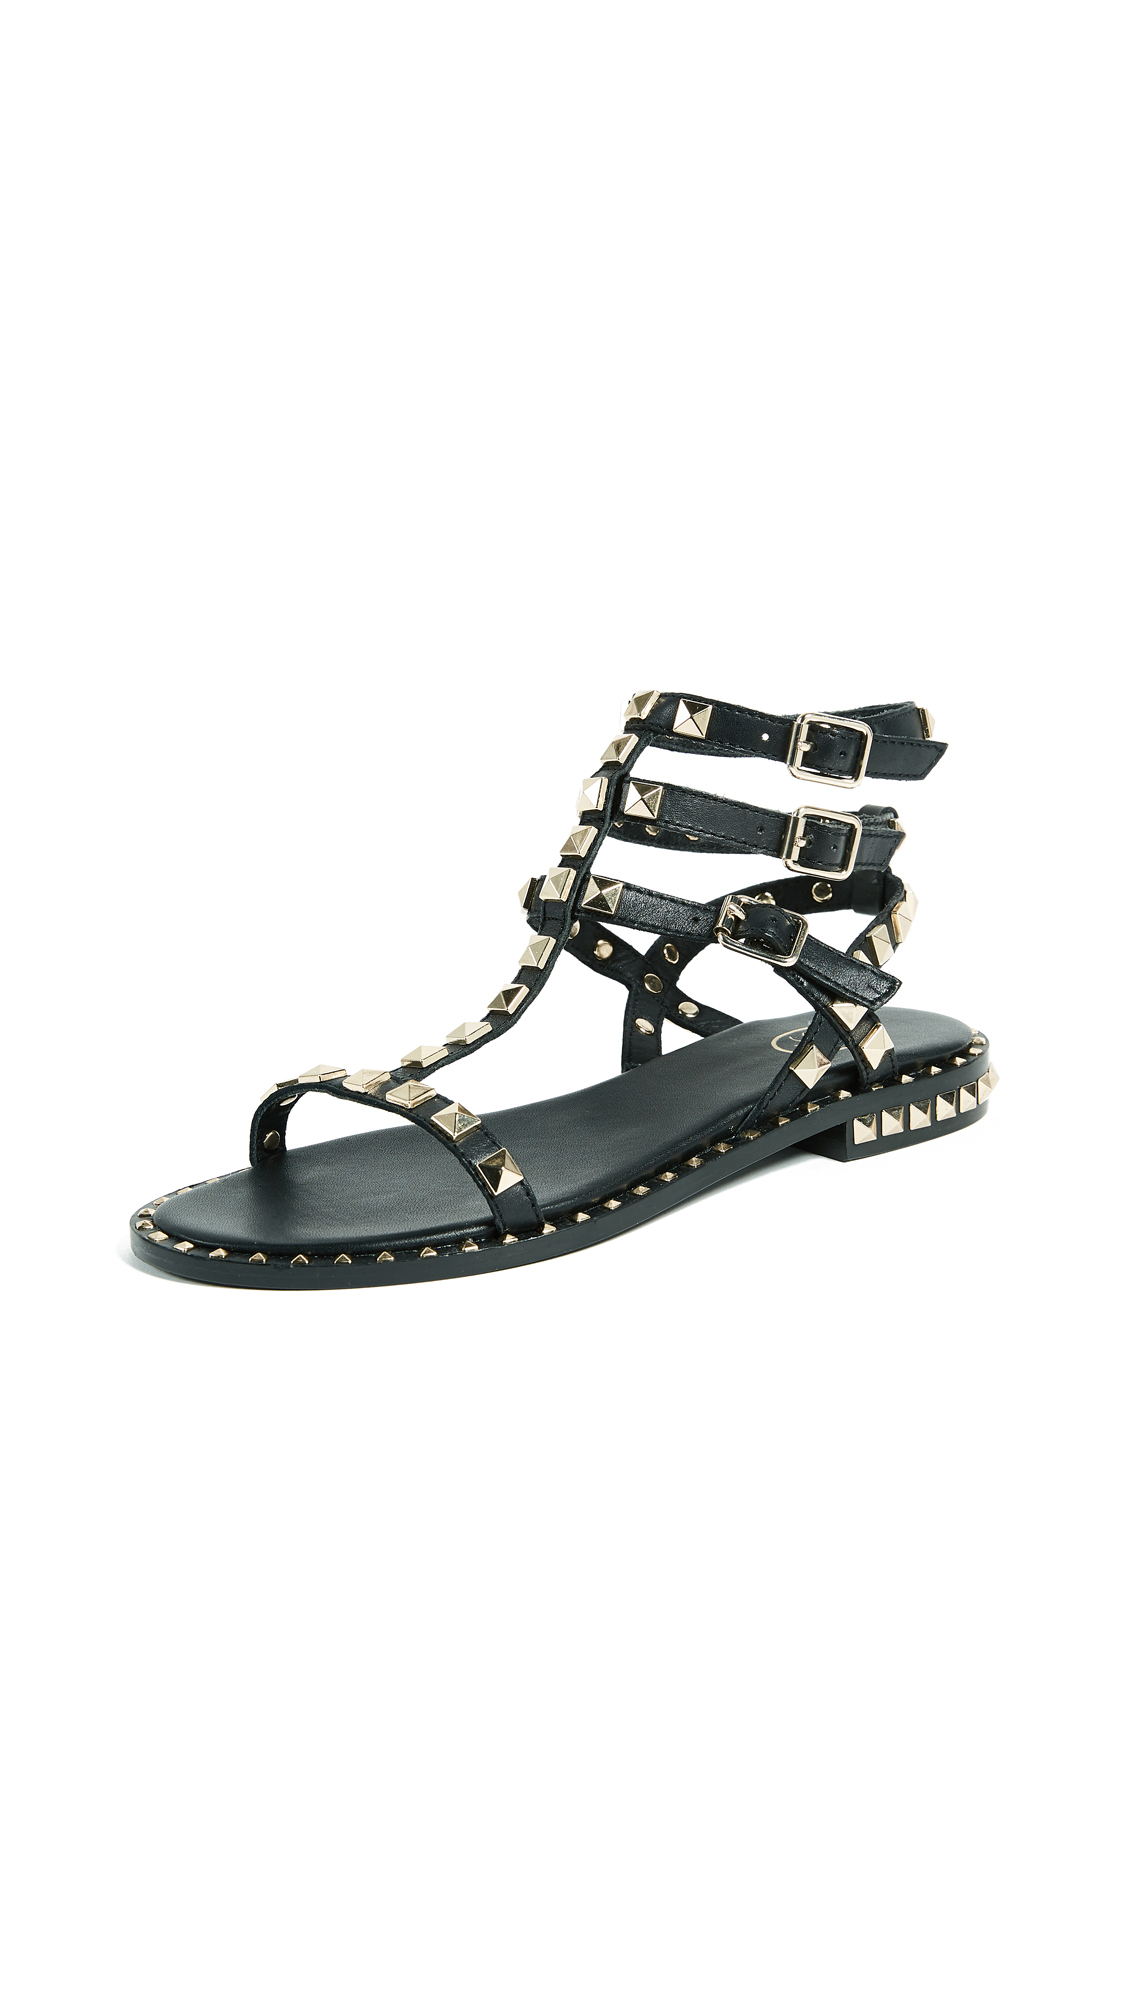 Ash Poison Sandals - Black